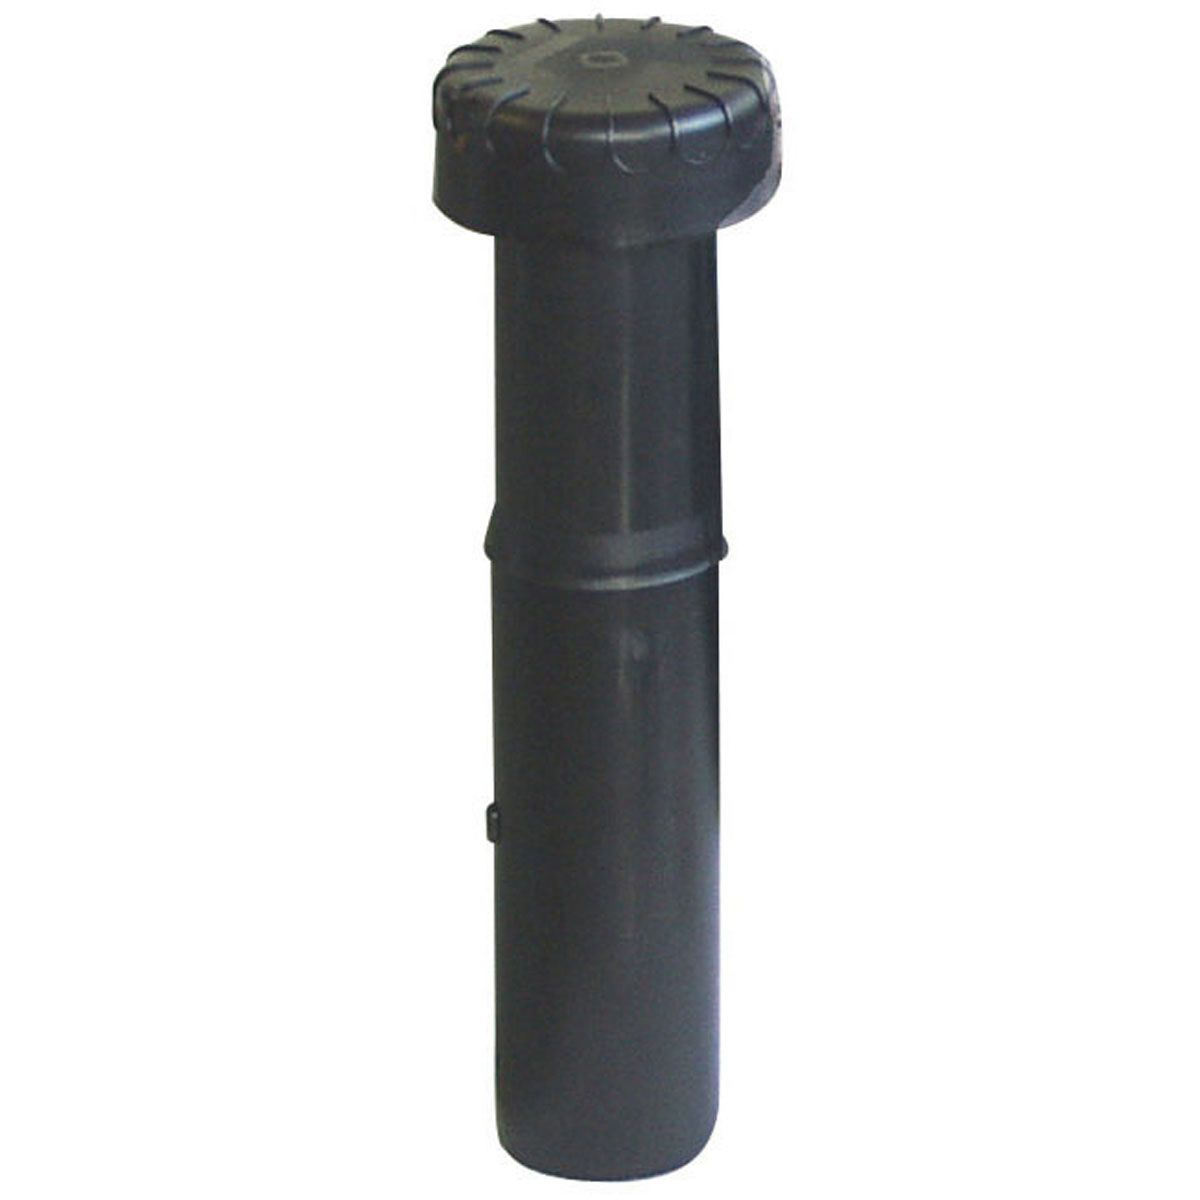 Entlüftungsabschluss DN 100, zu EcoBloc 230/ EcoBloc 420, schwarz,